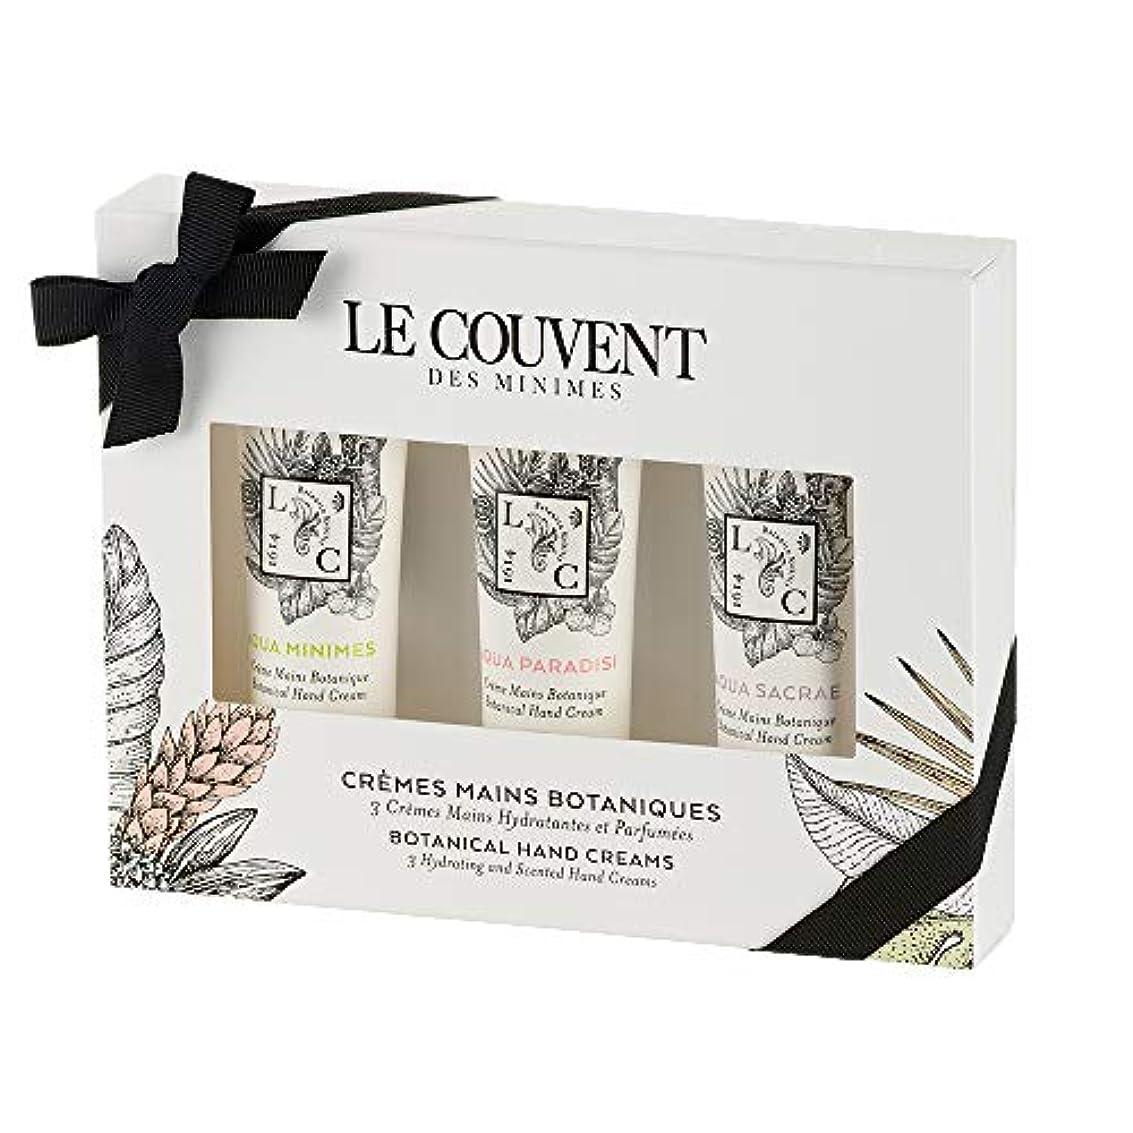 合唱団納税者人工クヴォン・デ・ミニム(Le Couvent des Minimes) ボタニカル ハンドクリームセット アクアミニム ハンドクリーム、アクアパラディシ ハンドクリーム、アクアサクラエ ハンドクリーム 各30mL